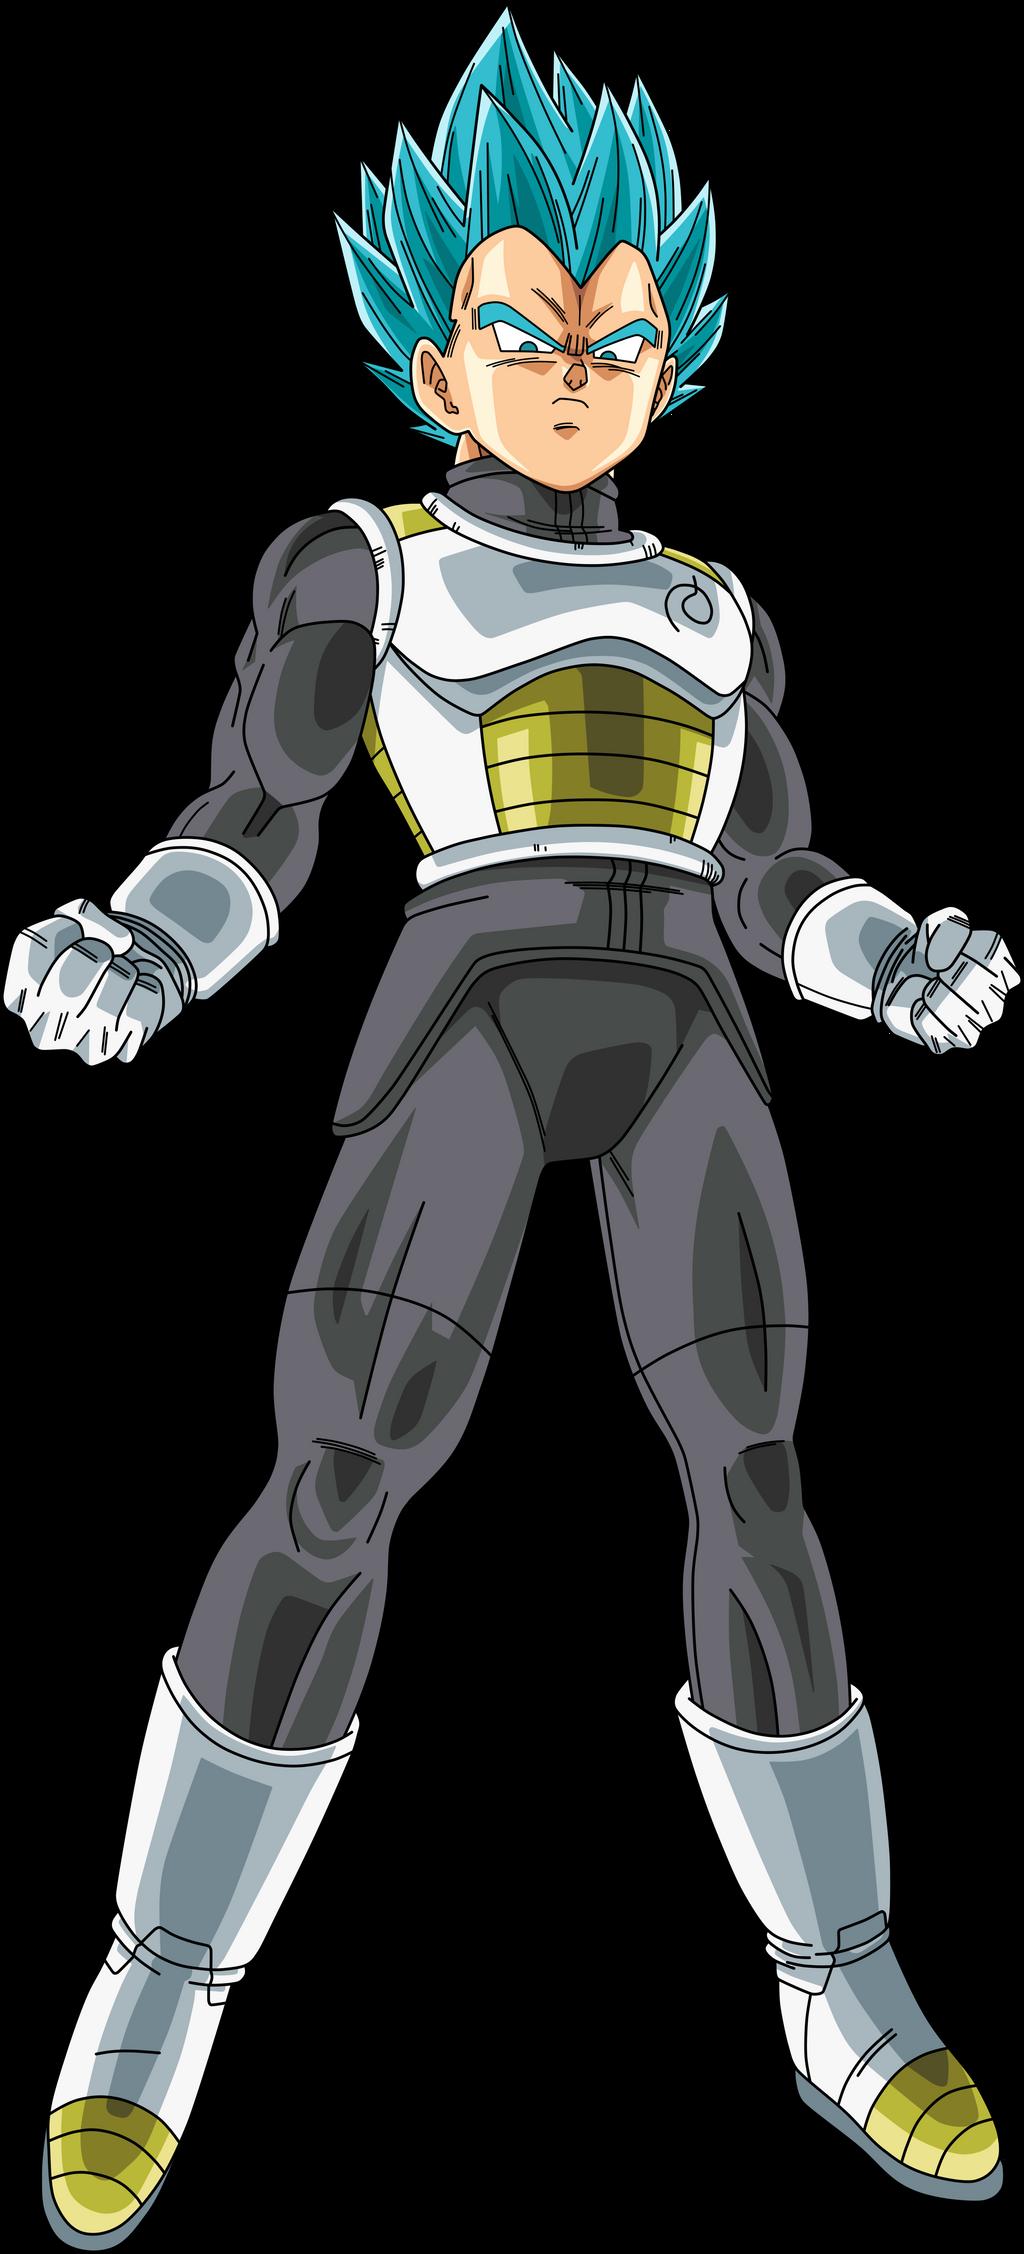 Vegeta super saiyan god super saiyan by dark crawler on deviantart